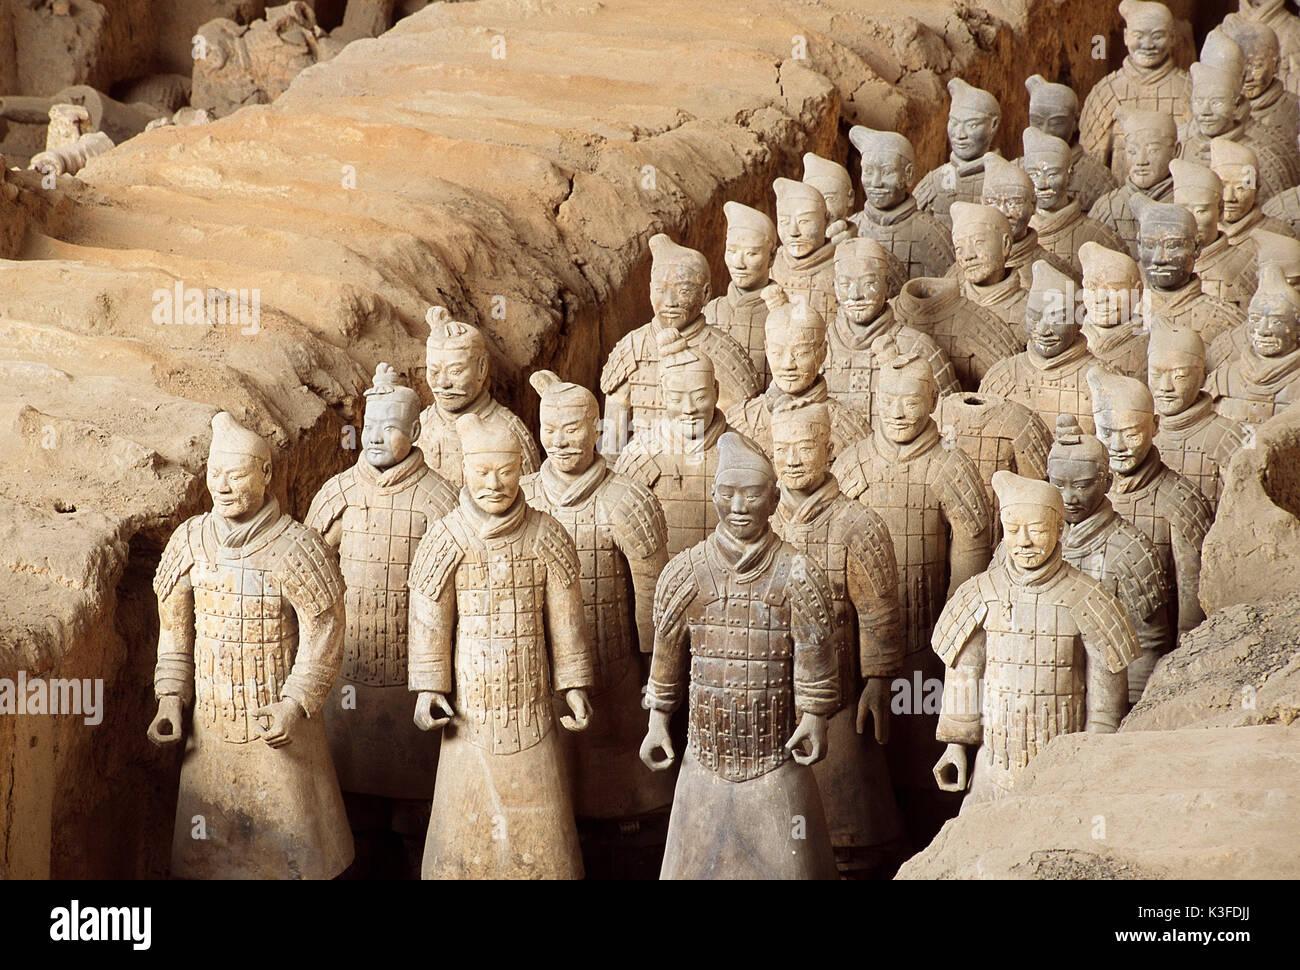 Xi An Armee Terrakottafiguren Of The Emperors Qin Shi Huangdi Sian Hsian Province Shaanxi